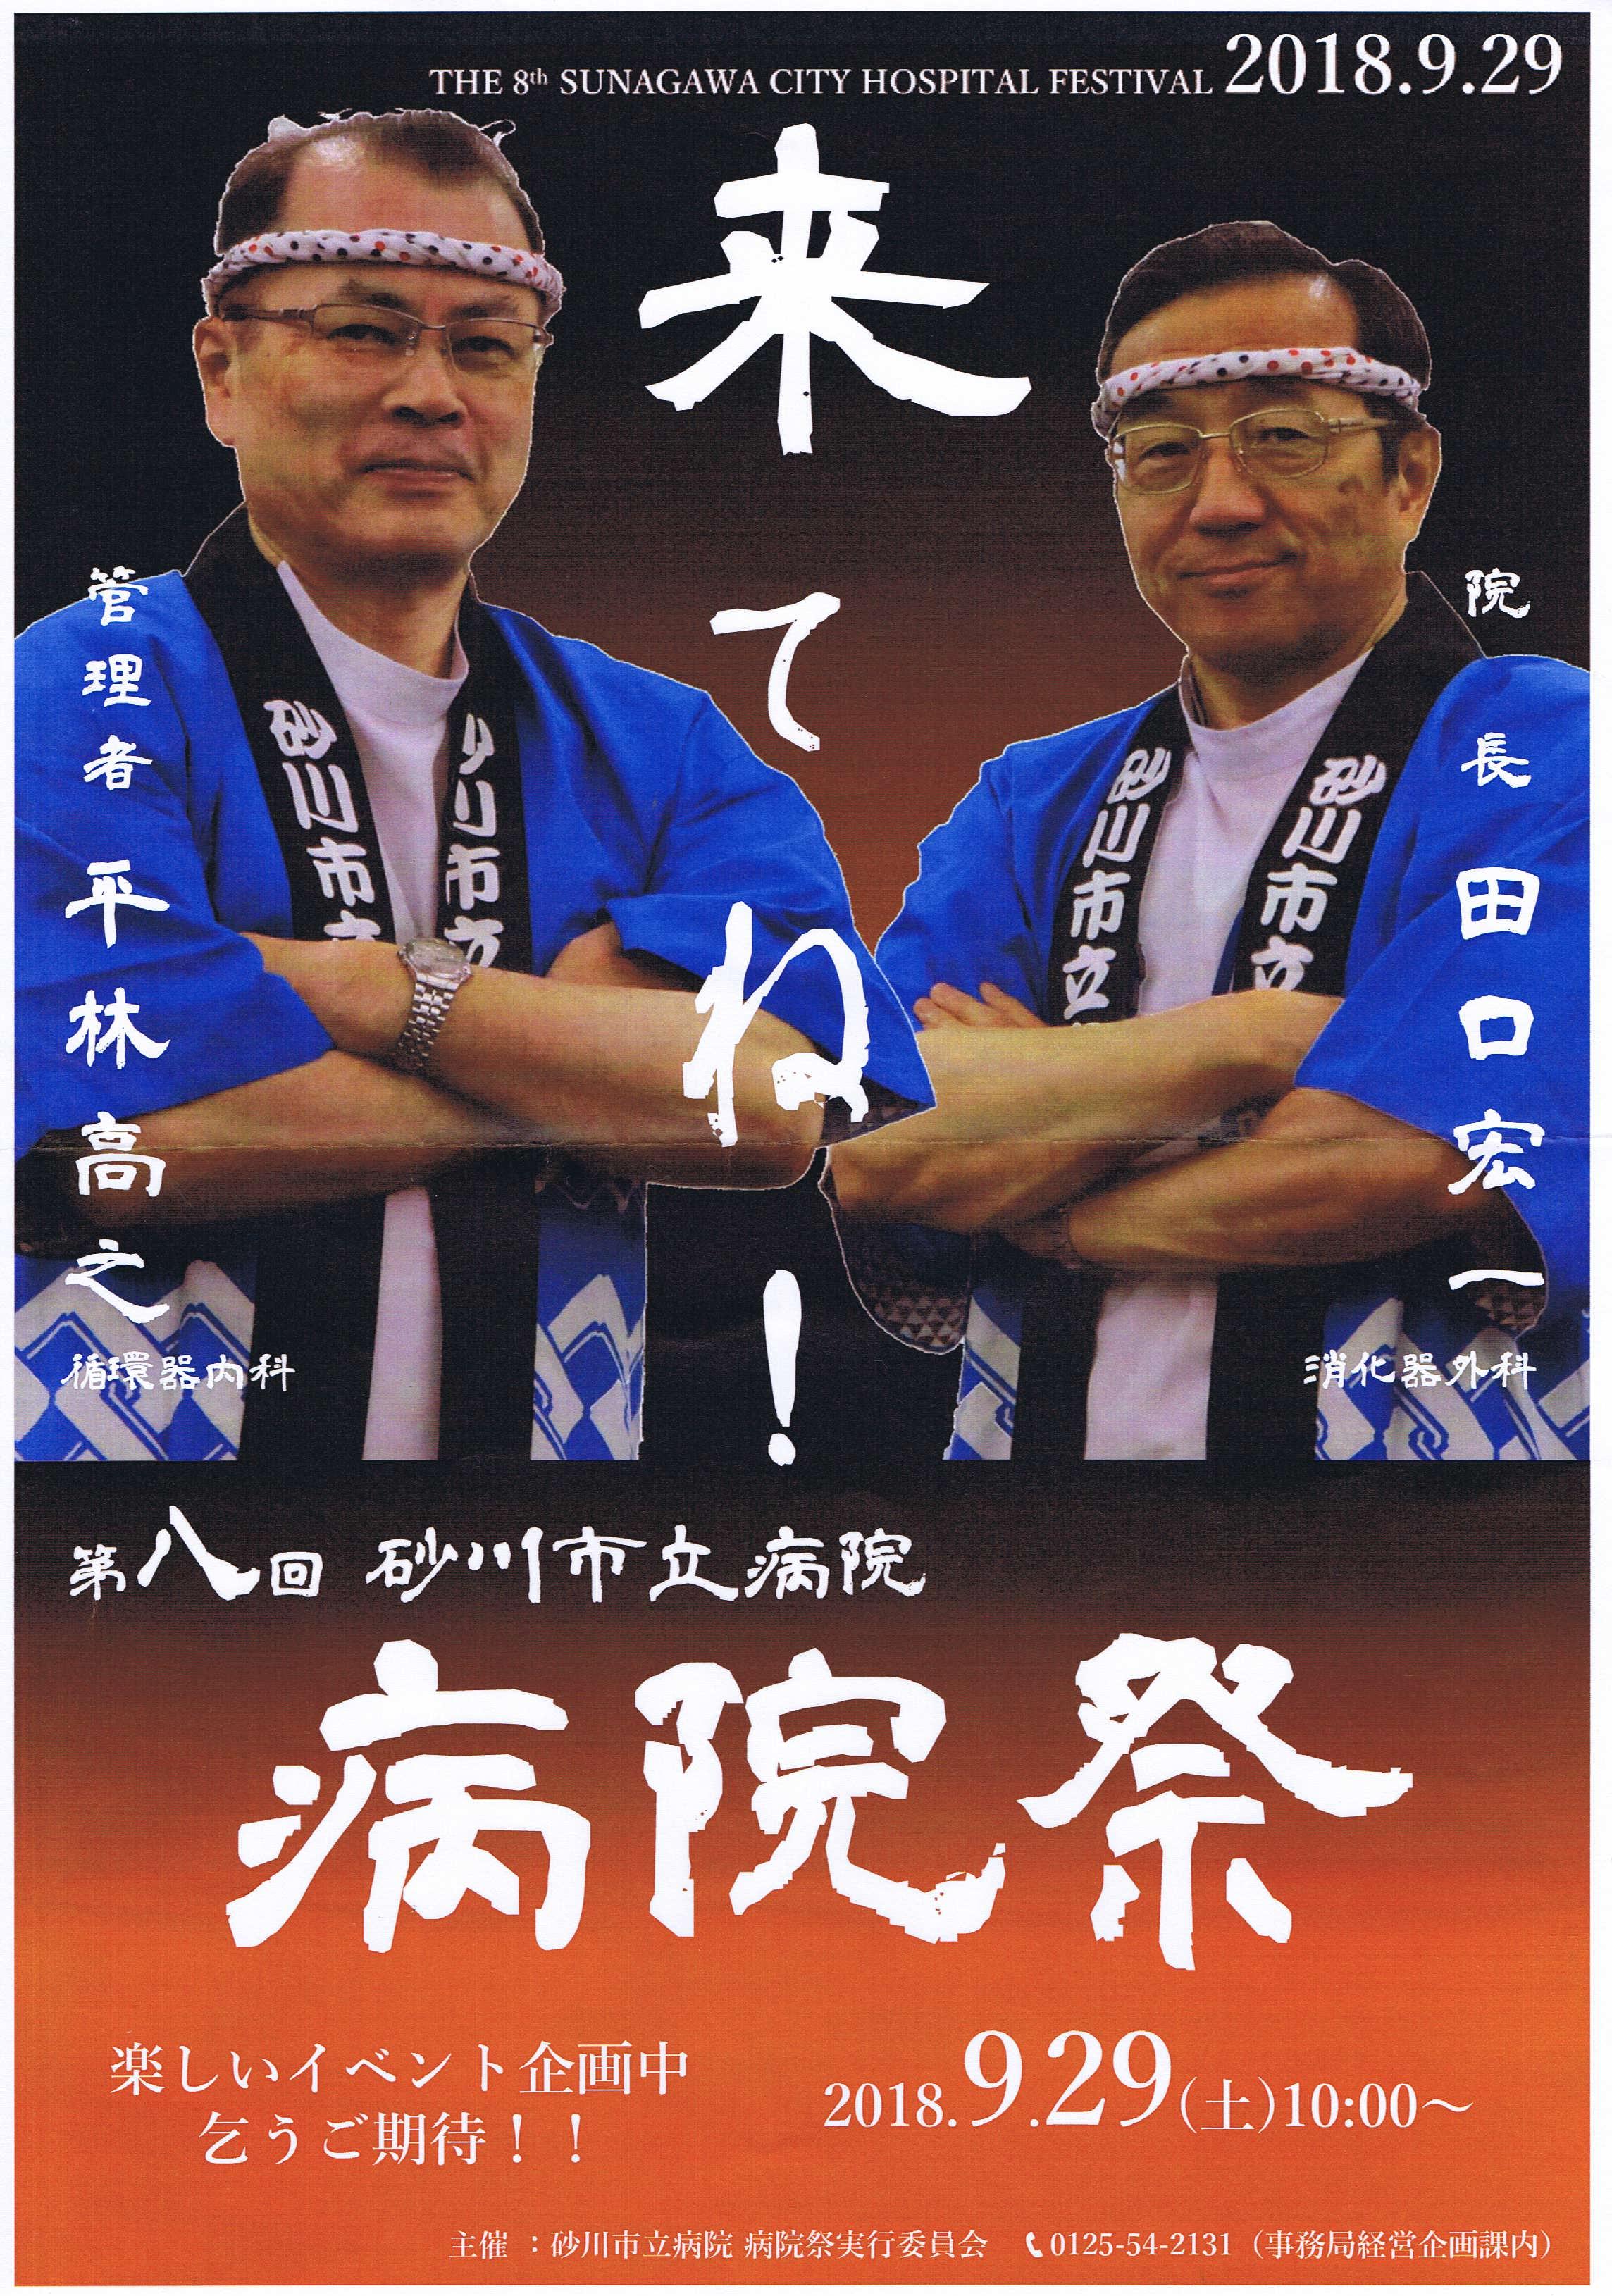 第8回砂川市立病院 病院祭のポスター